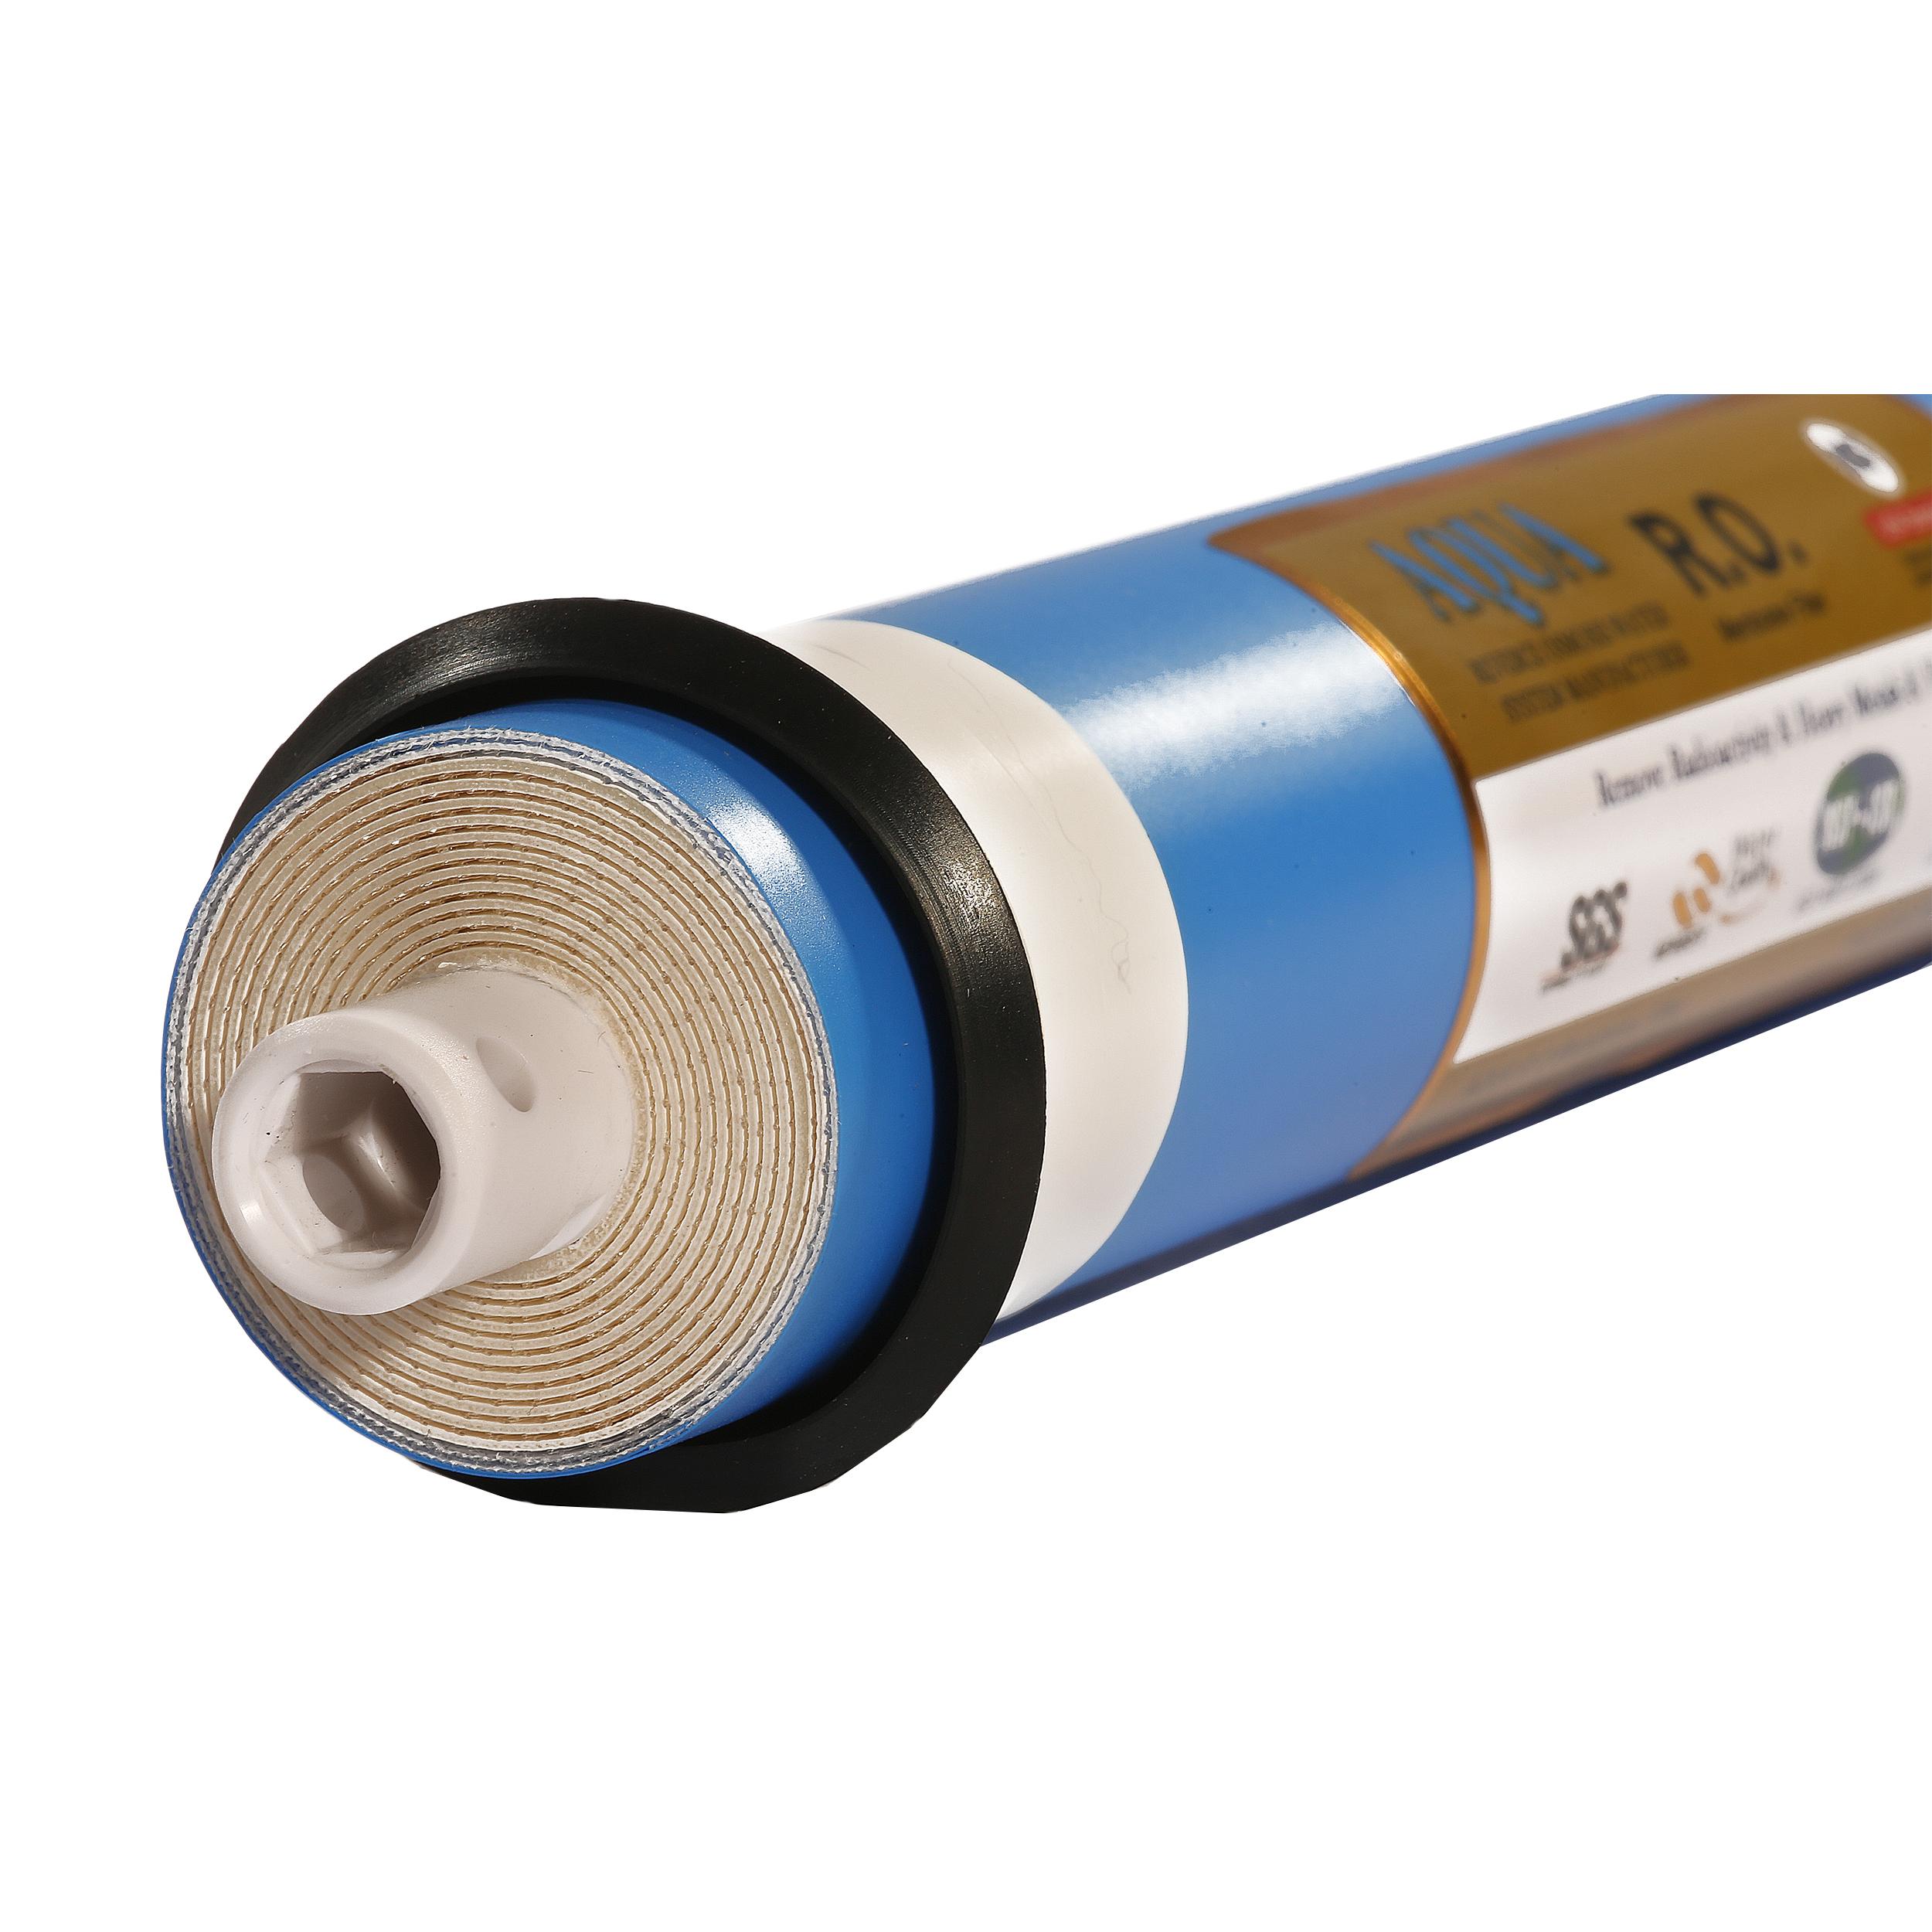 فیلتر دستگاه تصفیه کننده آب خانگی آکوا مدل AQUA-RO-50